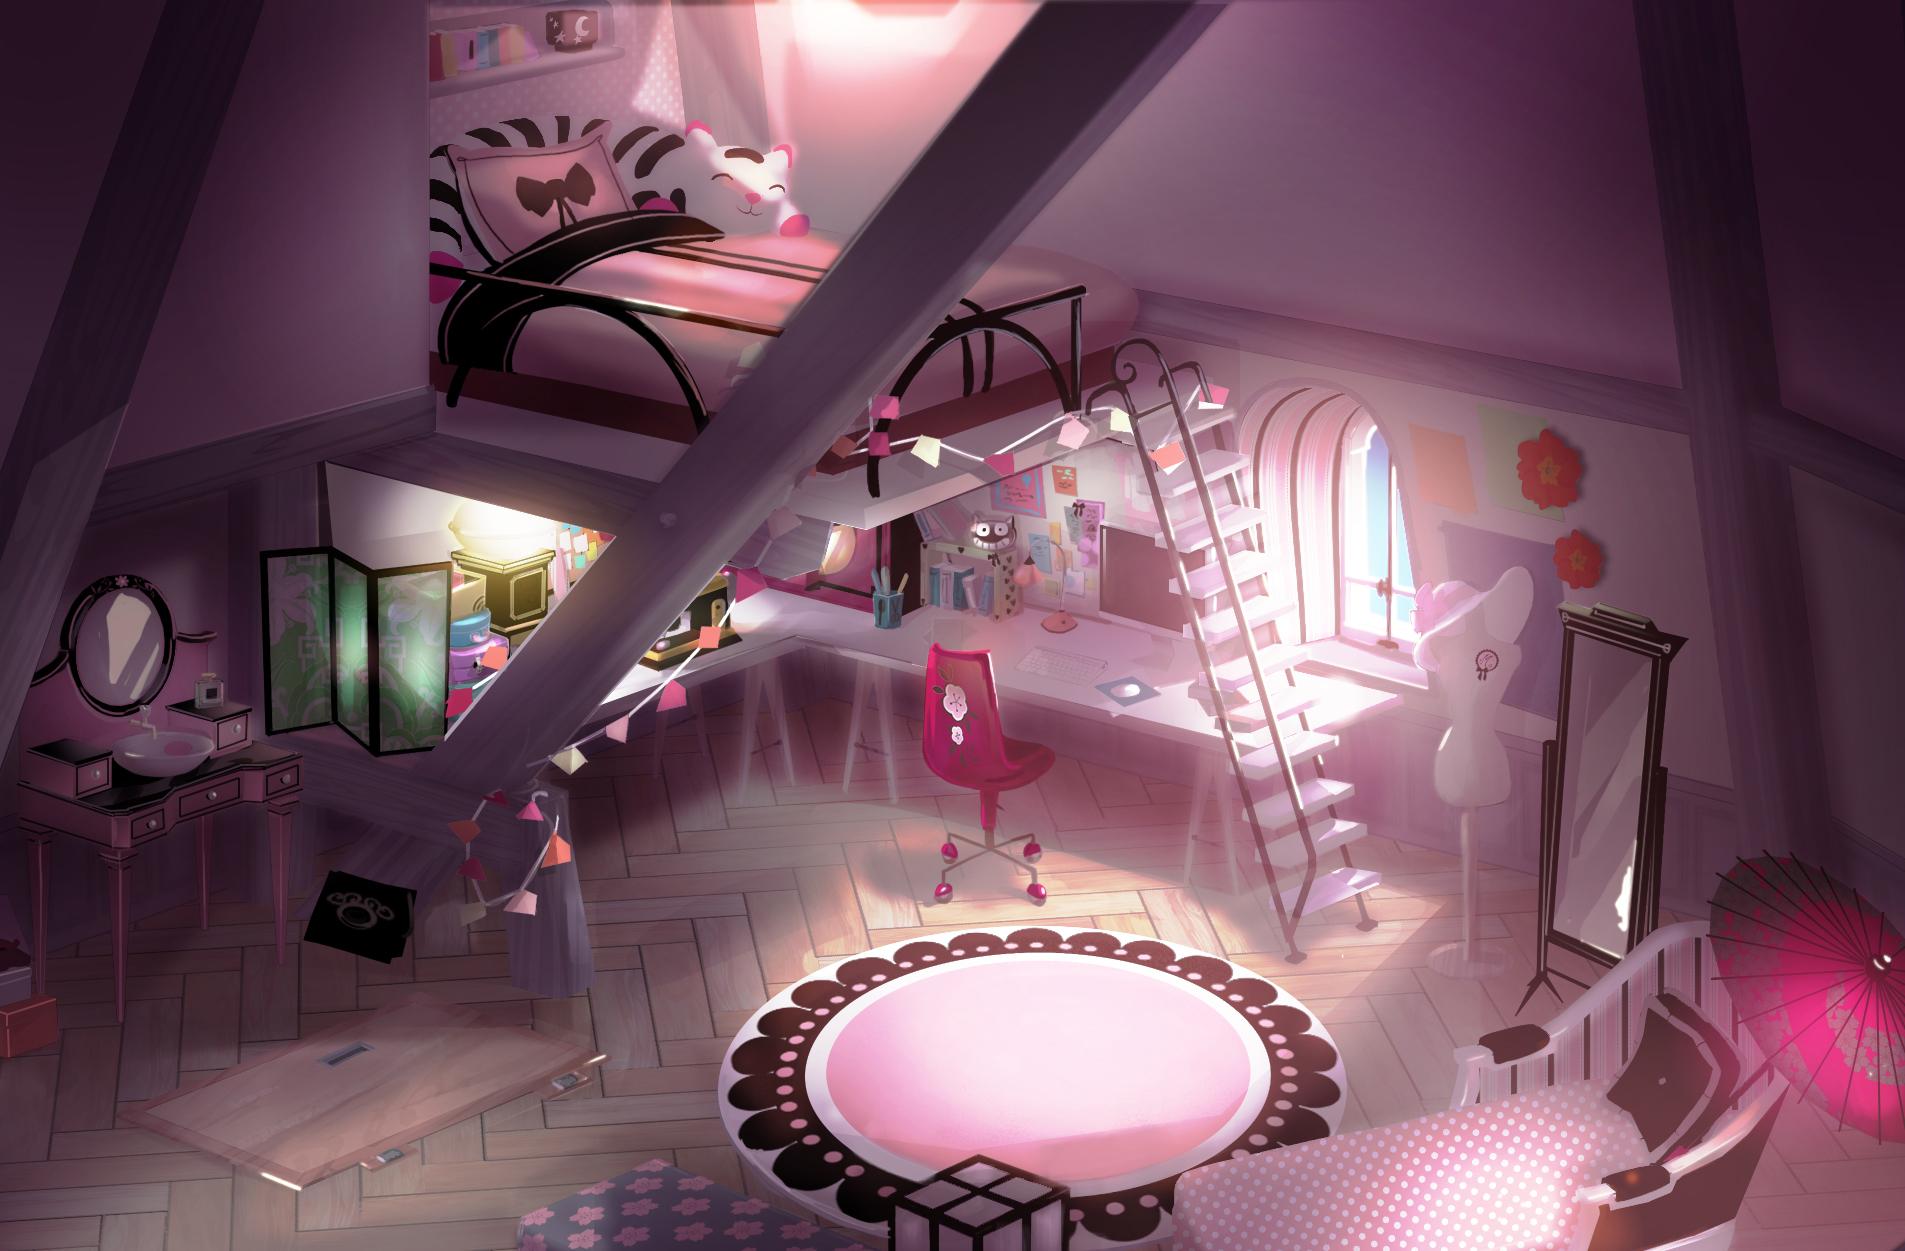 Marinette s Room 2D Concept Art jpg. Image   Marinette s Room 2D Concept Art jpg   Miraculous Ladybug